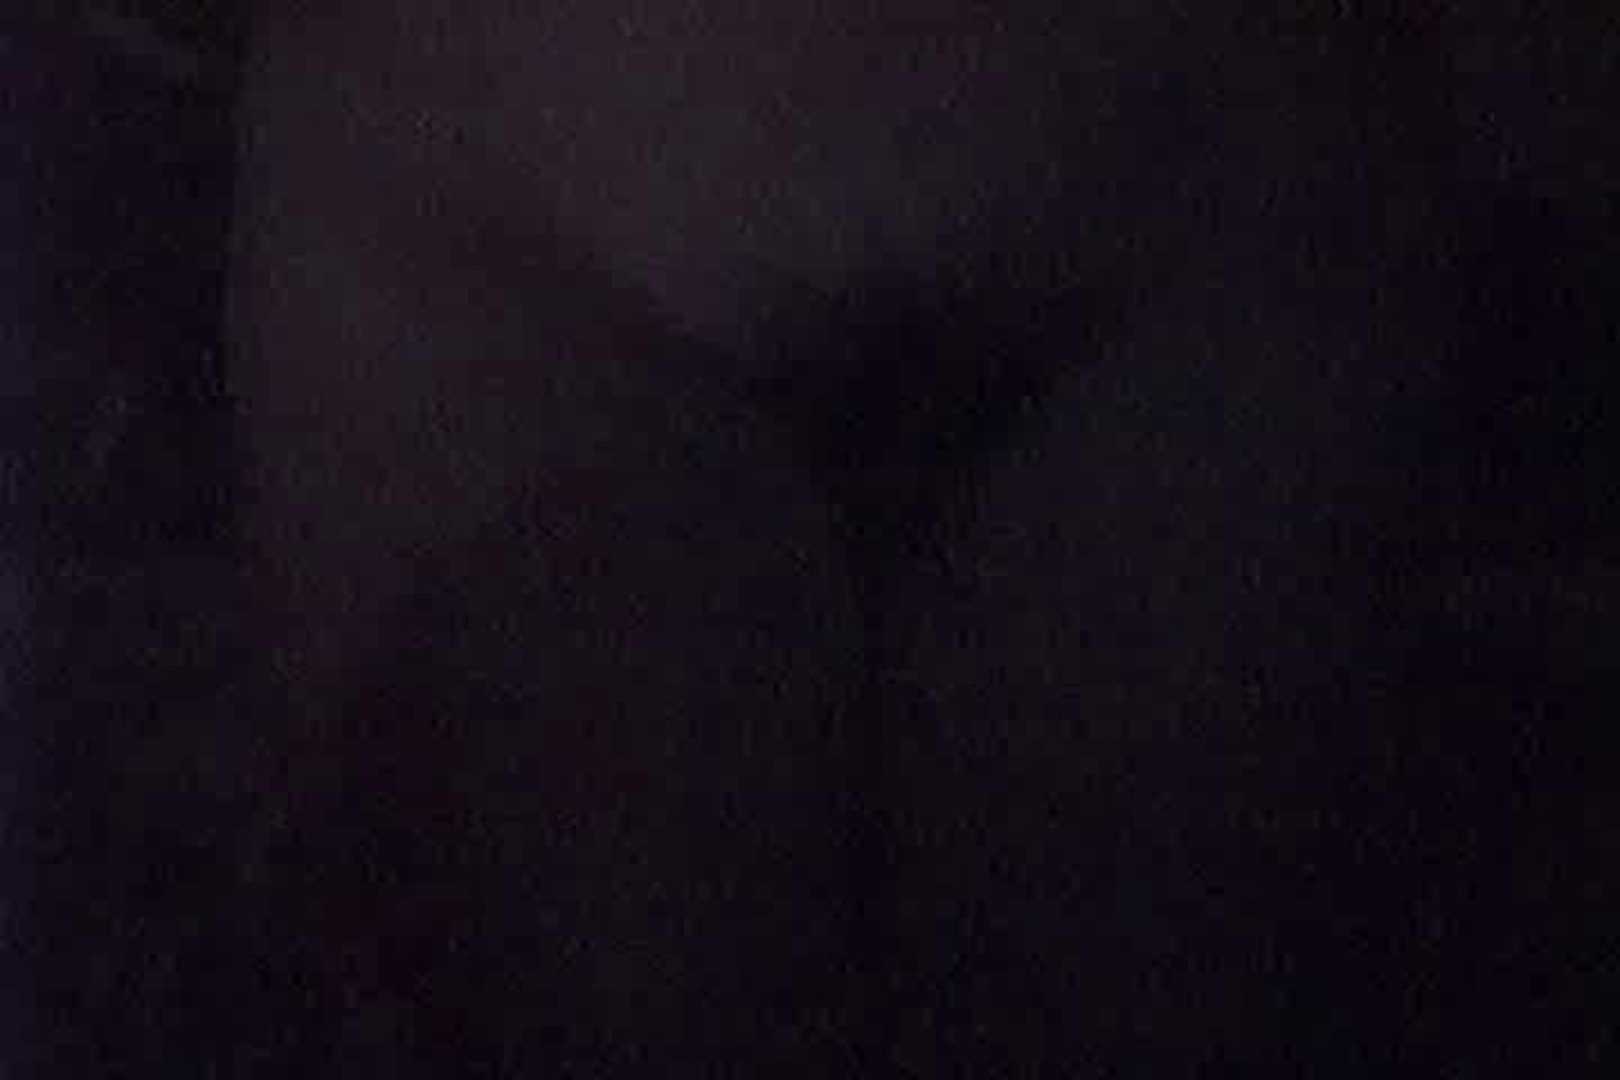 深夜の撮影会Vol.3 お姉さん | 接写  53pic 13